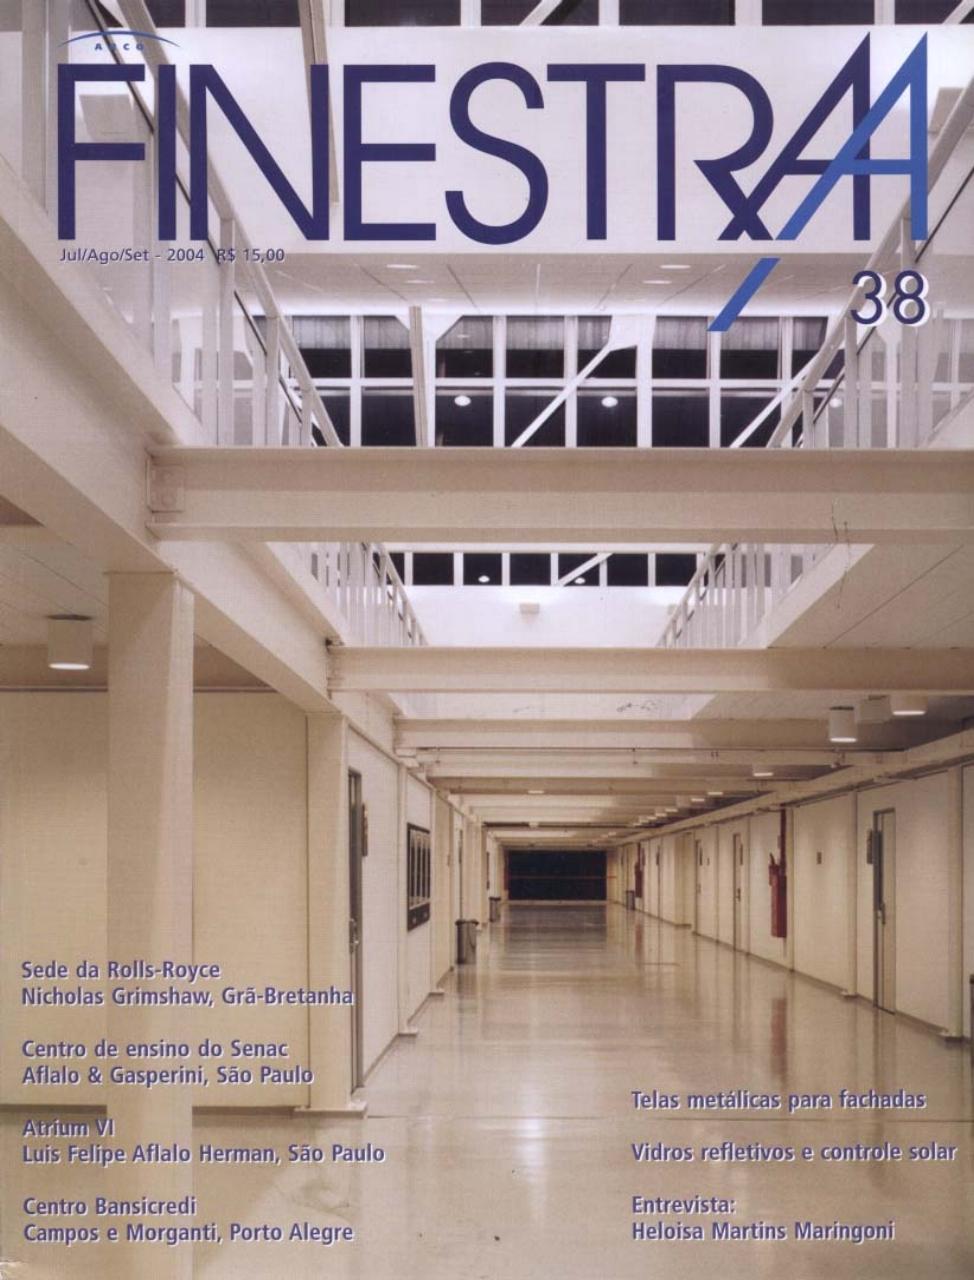 Finestra 38.jpg